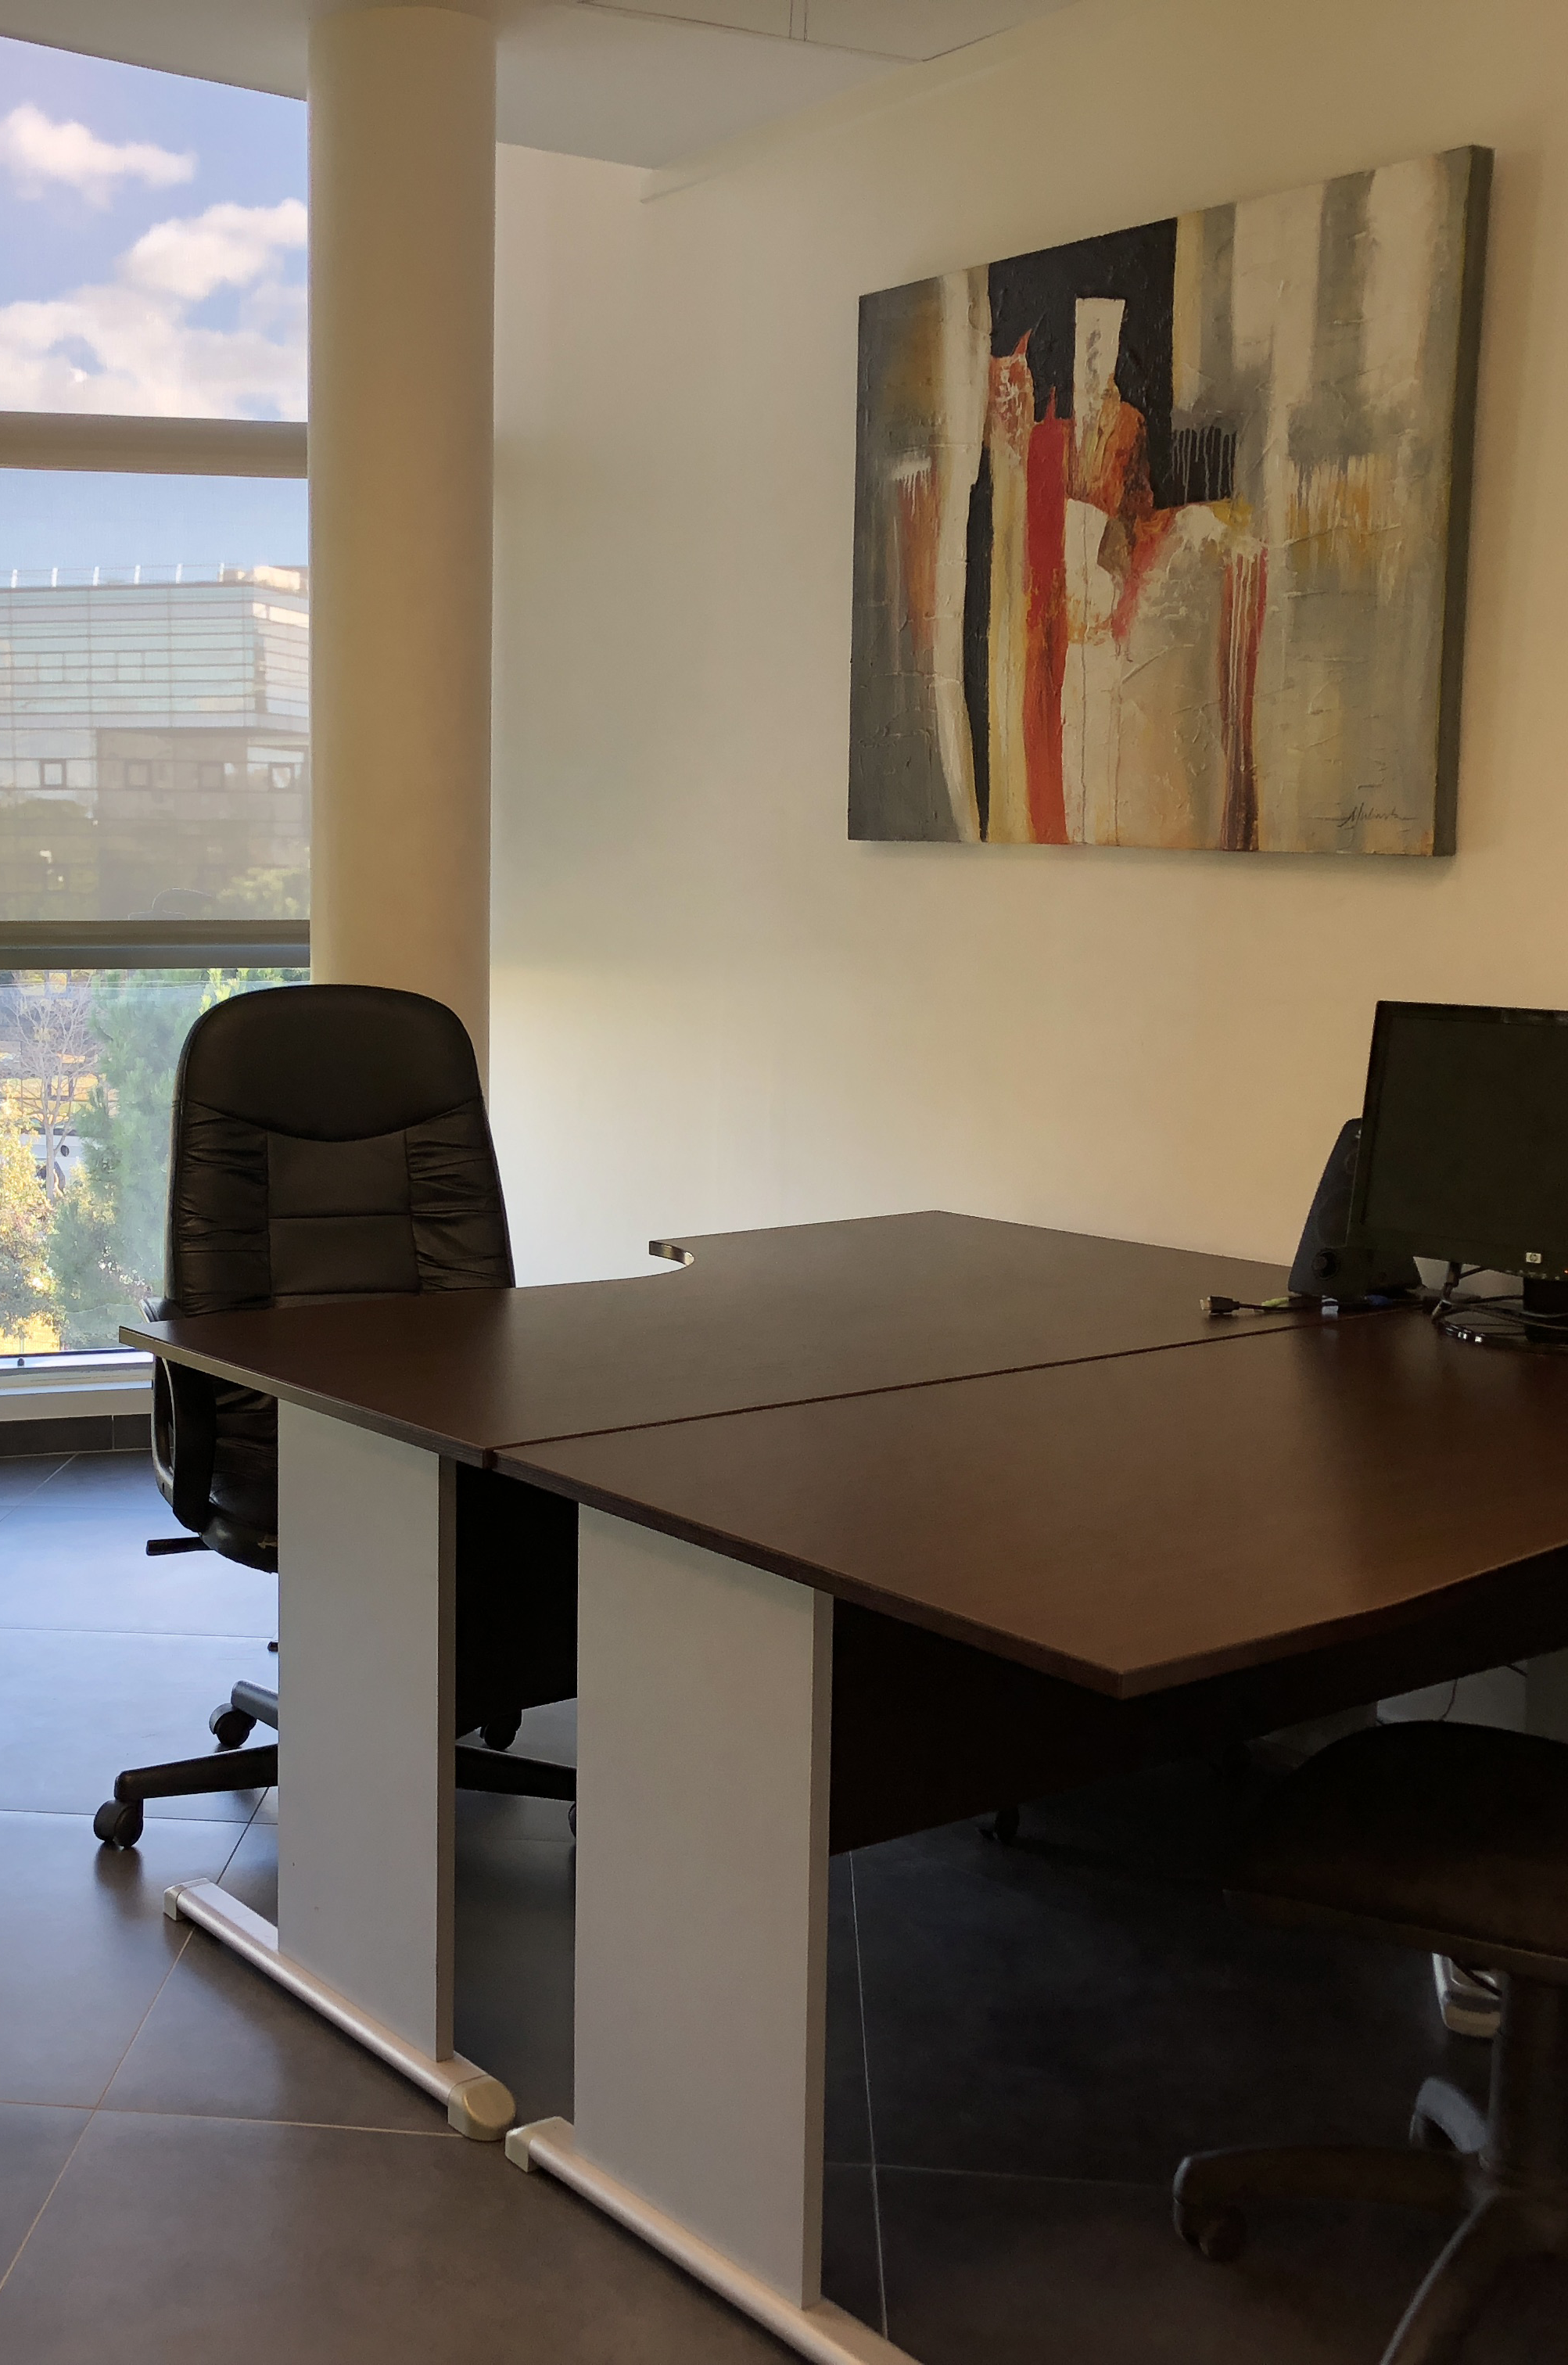 Bureau workplace-2